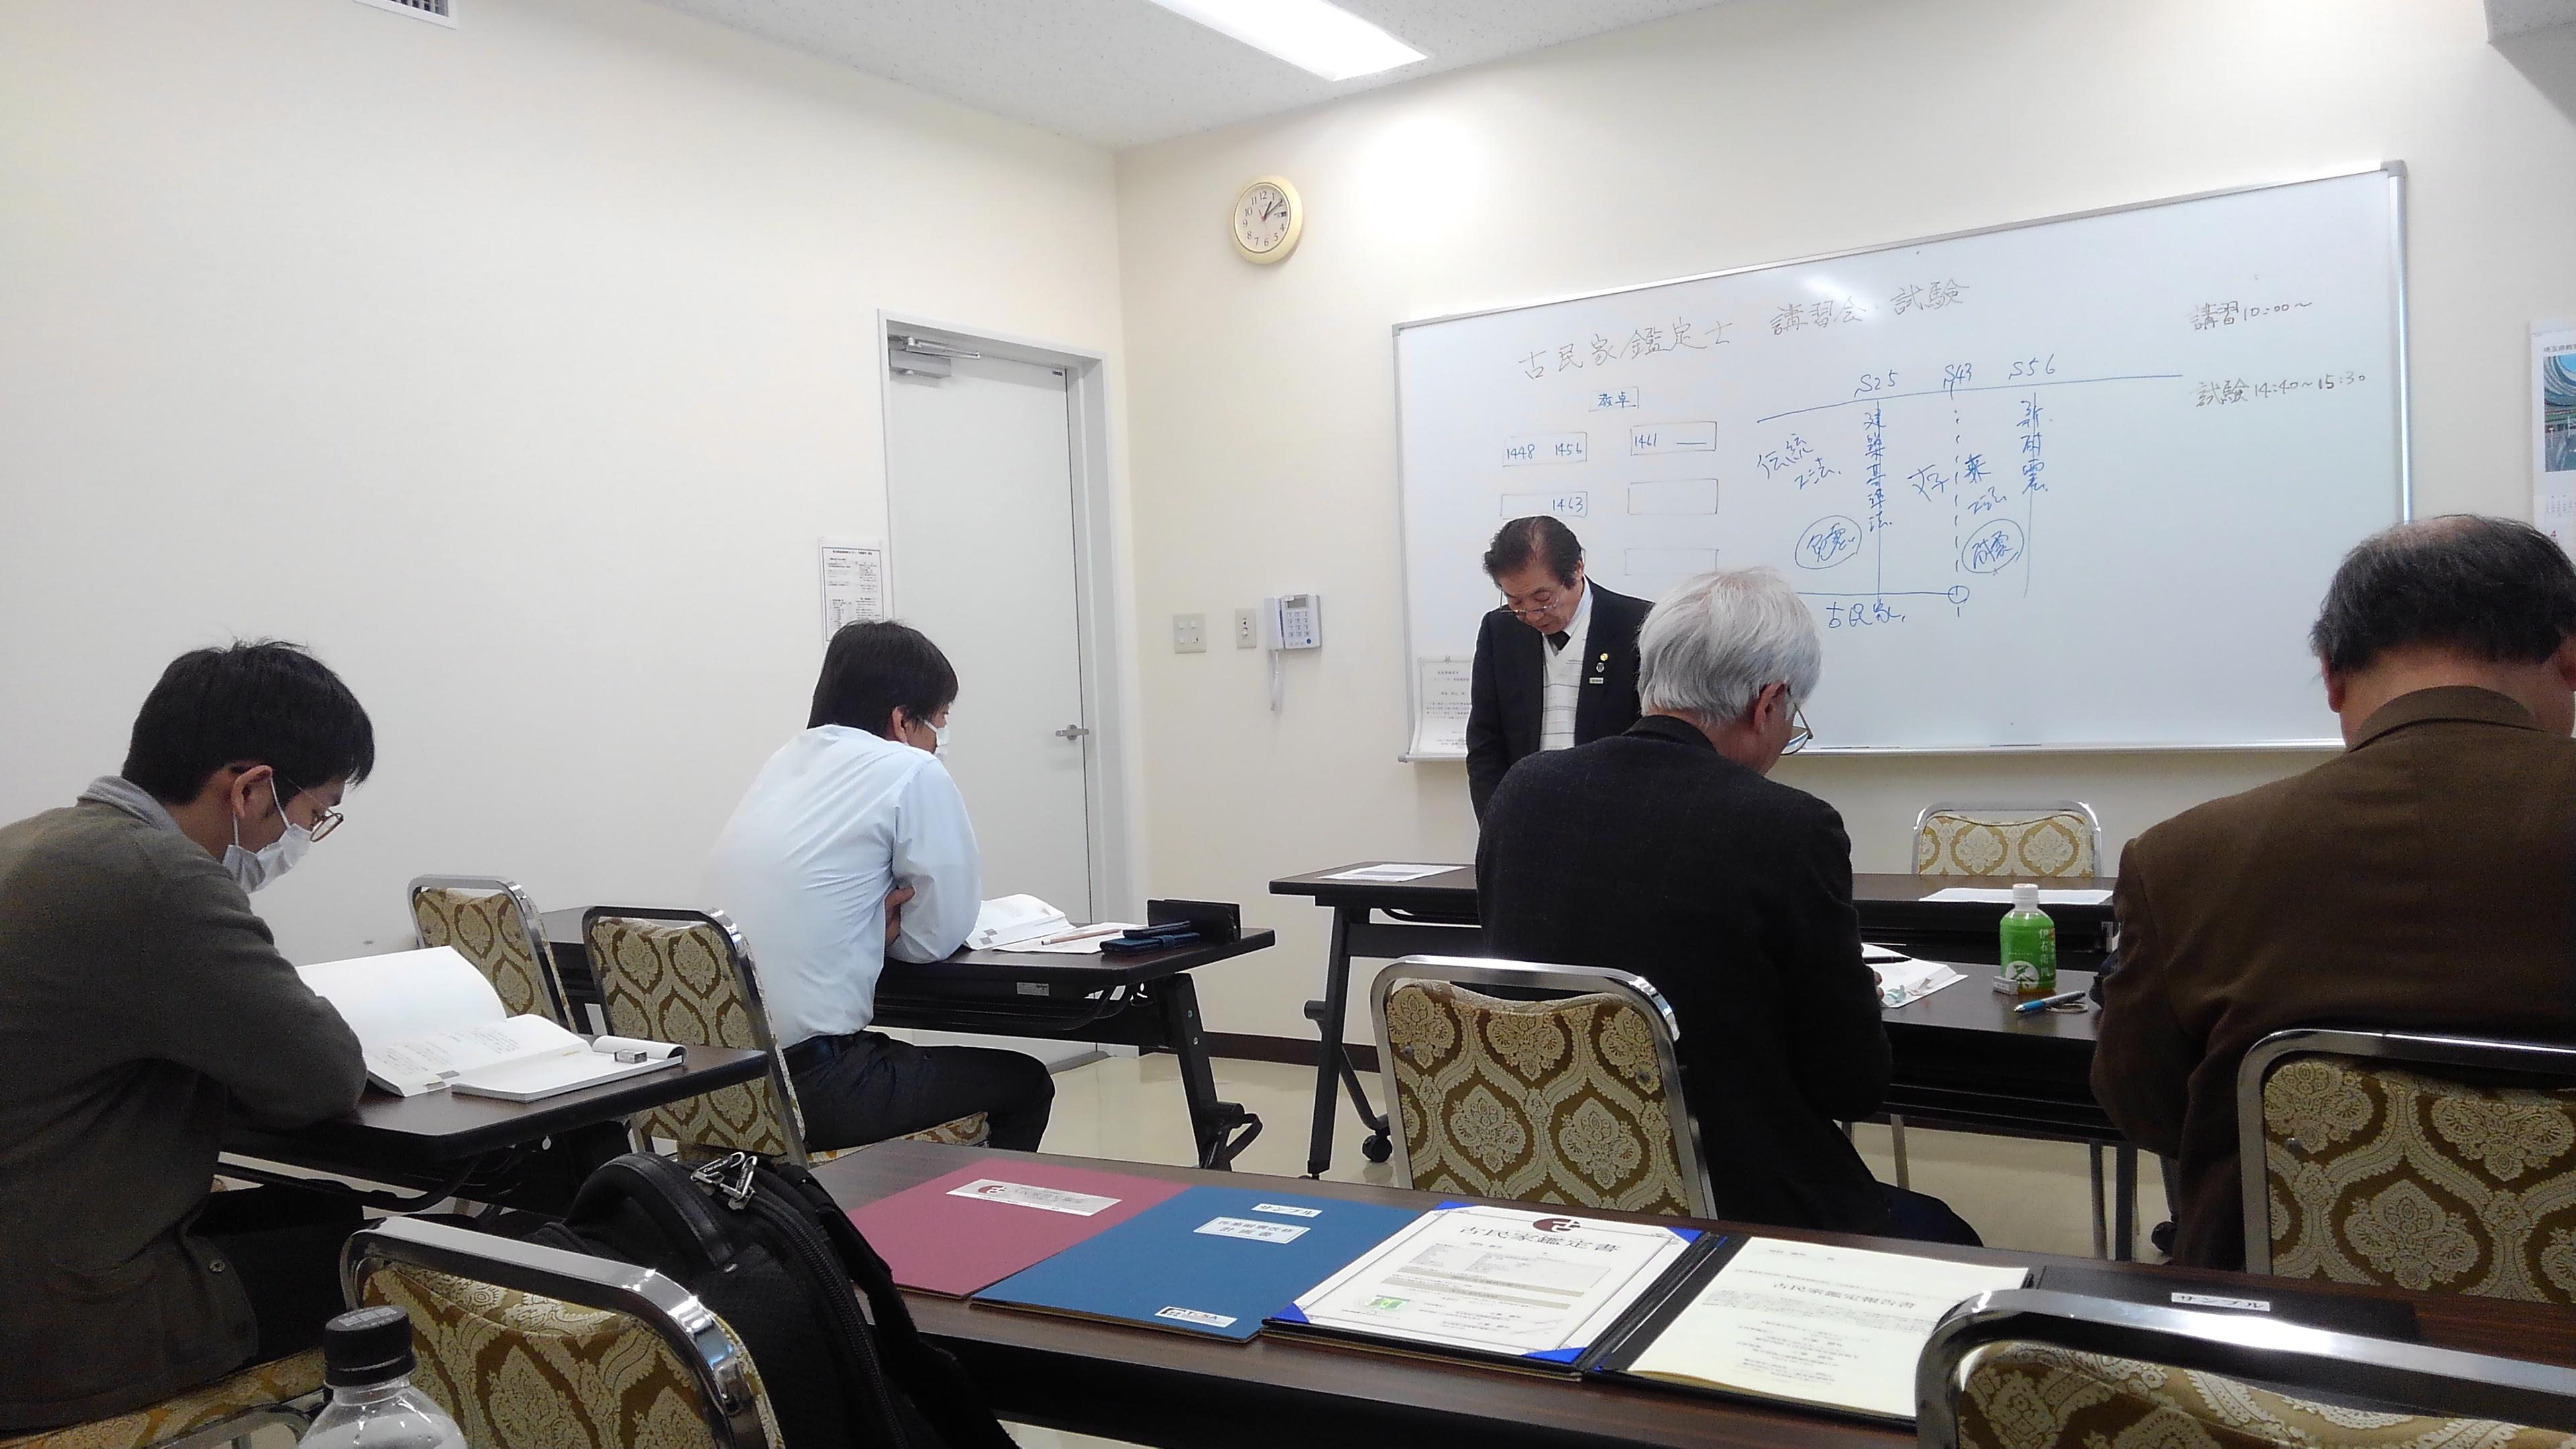 2018/03/28 埼玉例会